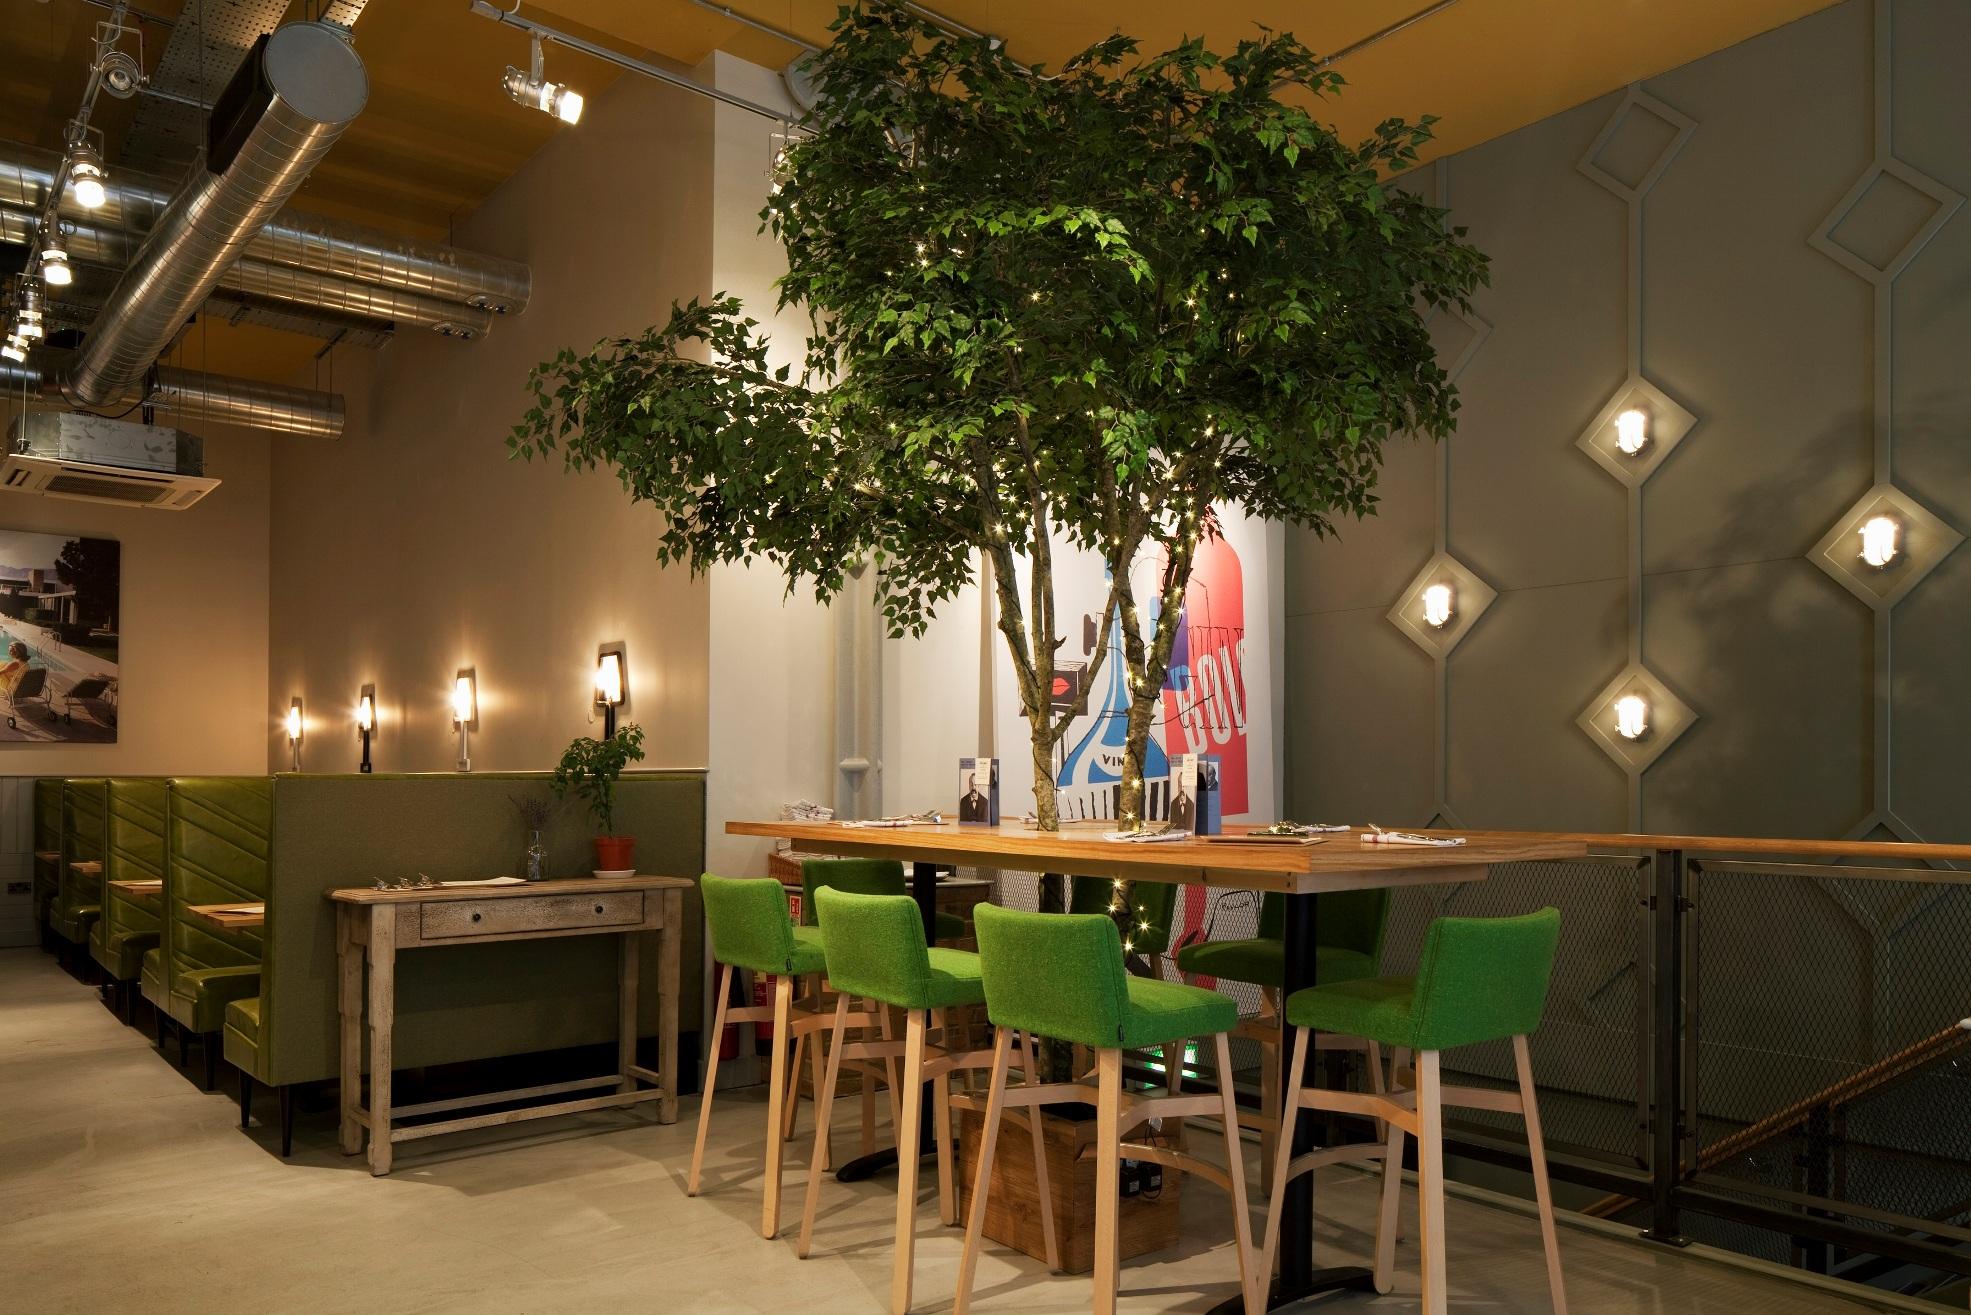 Jones-Family-Project-Ground-Floor-Bar-Smaller